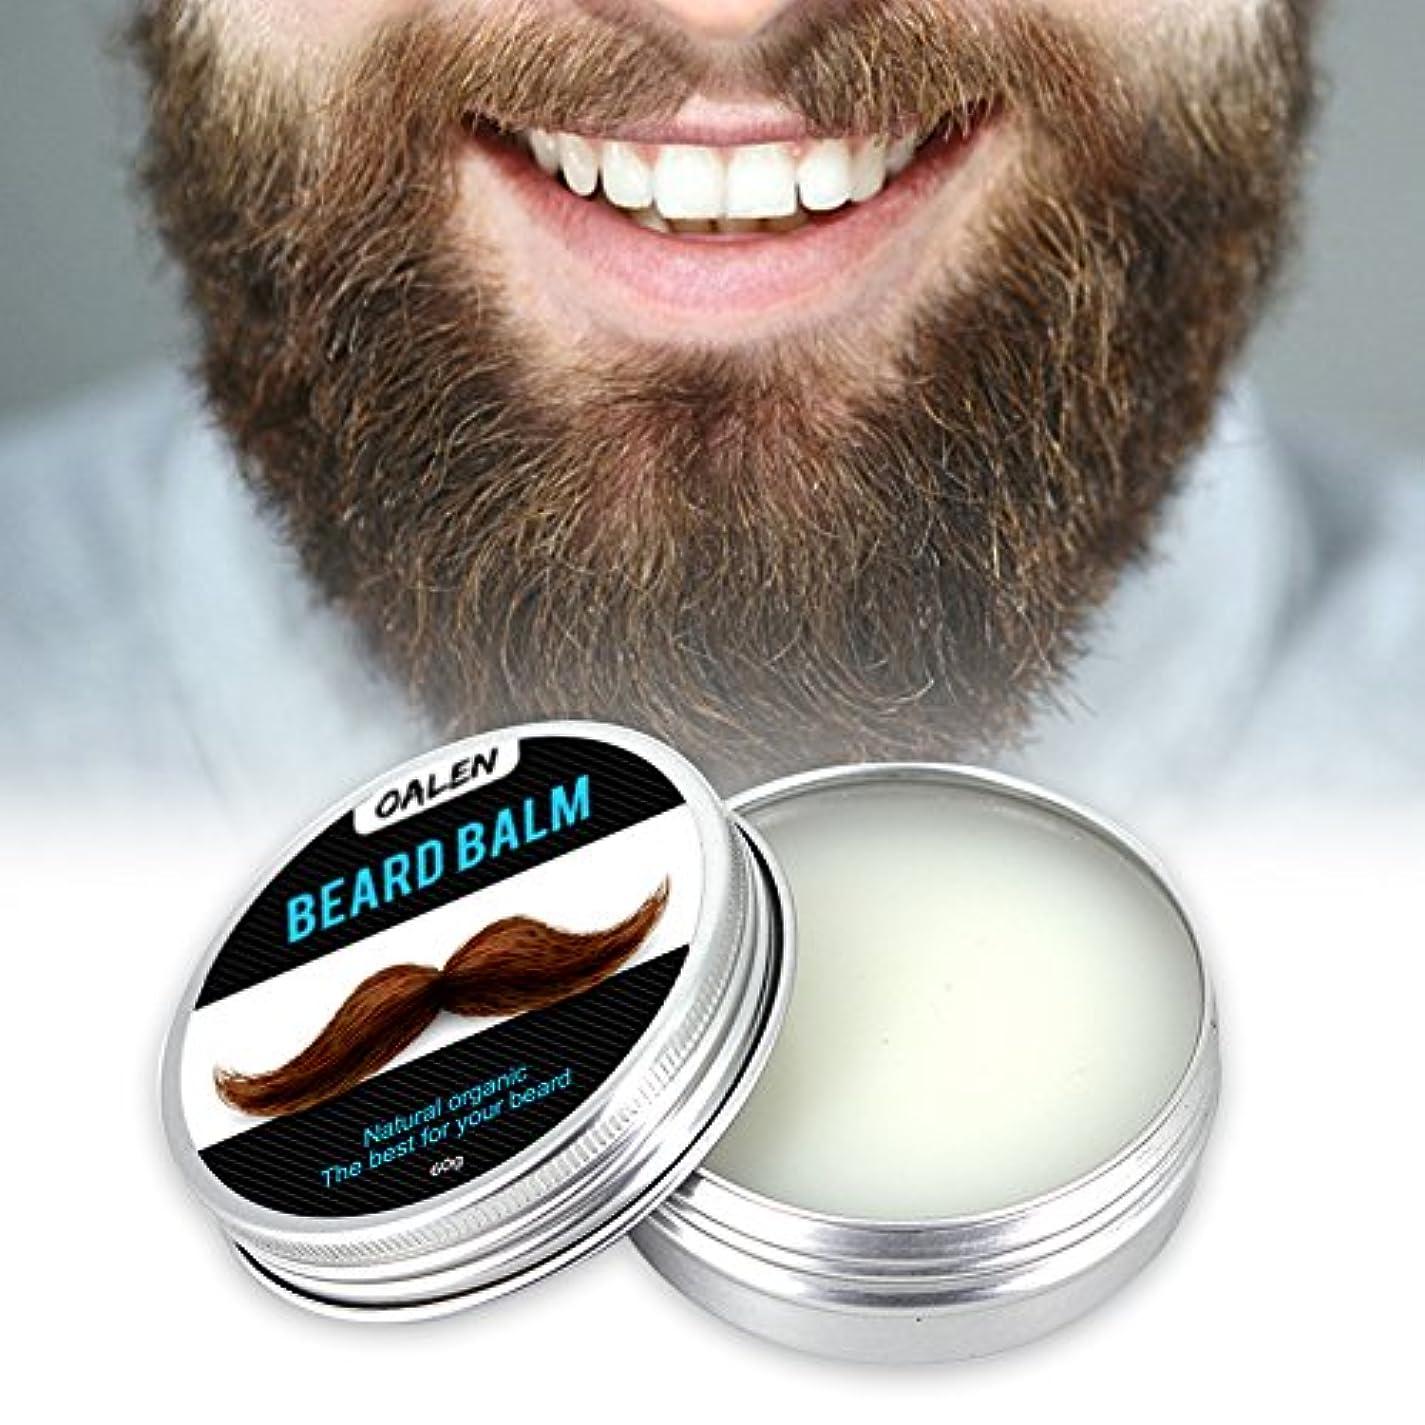 中国単にナンセンスRuier-tong ビアードワックス ビアードバーム メンズひげワックス 口髭用ワックス ひげクリーム 保湿/滋養/ひげ根のケアなどの効果  ひげケア必需品 携帯便利 ホワイト